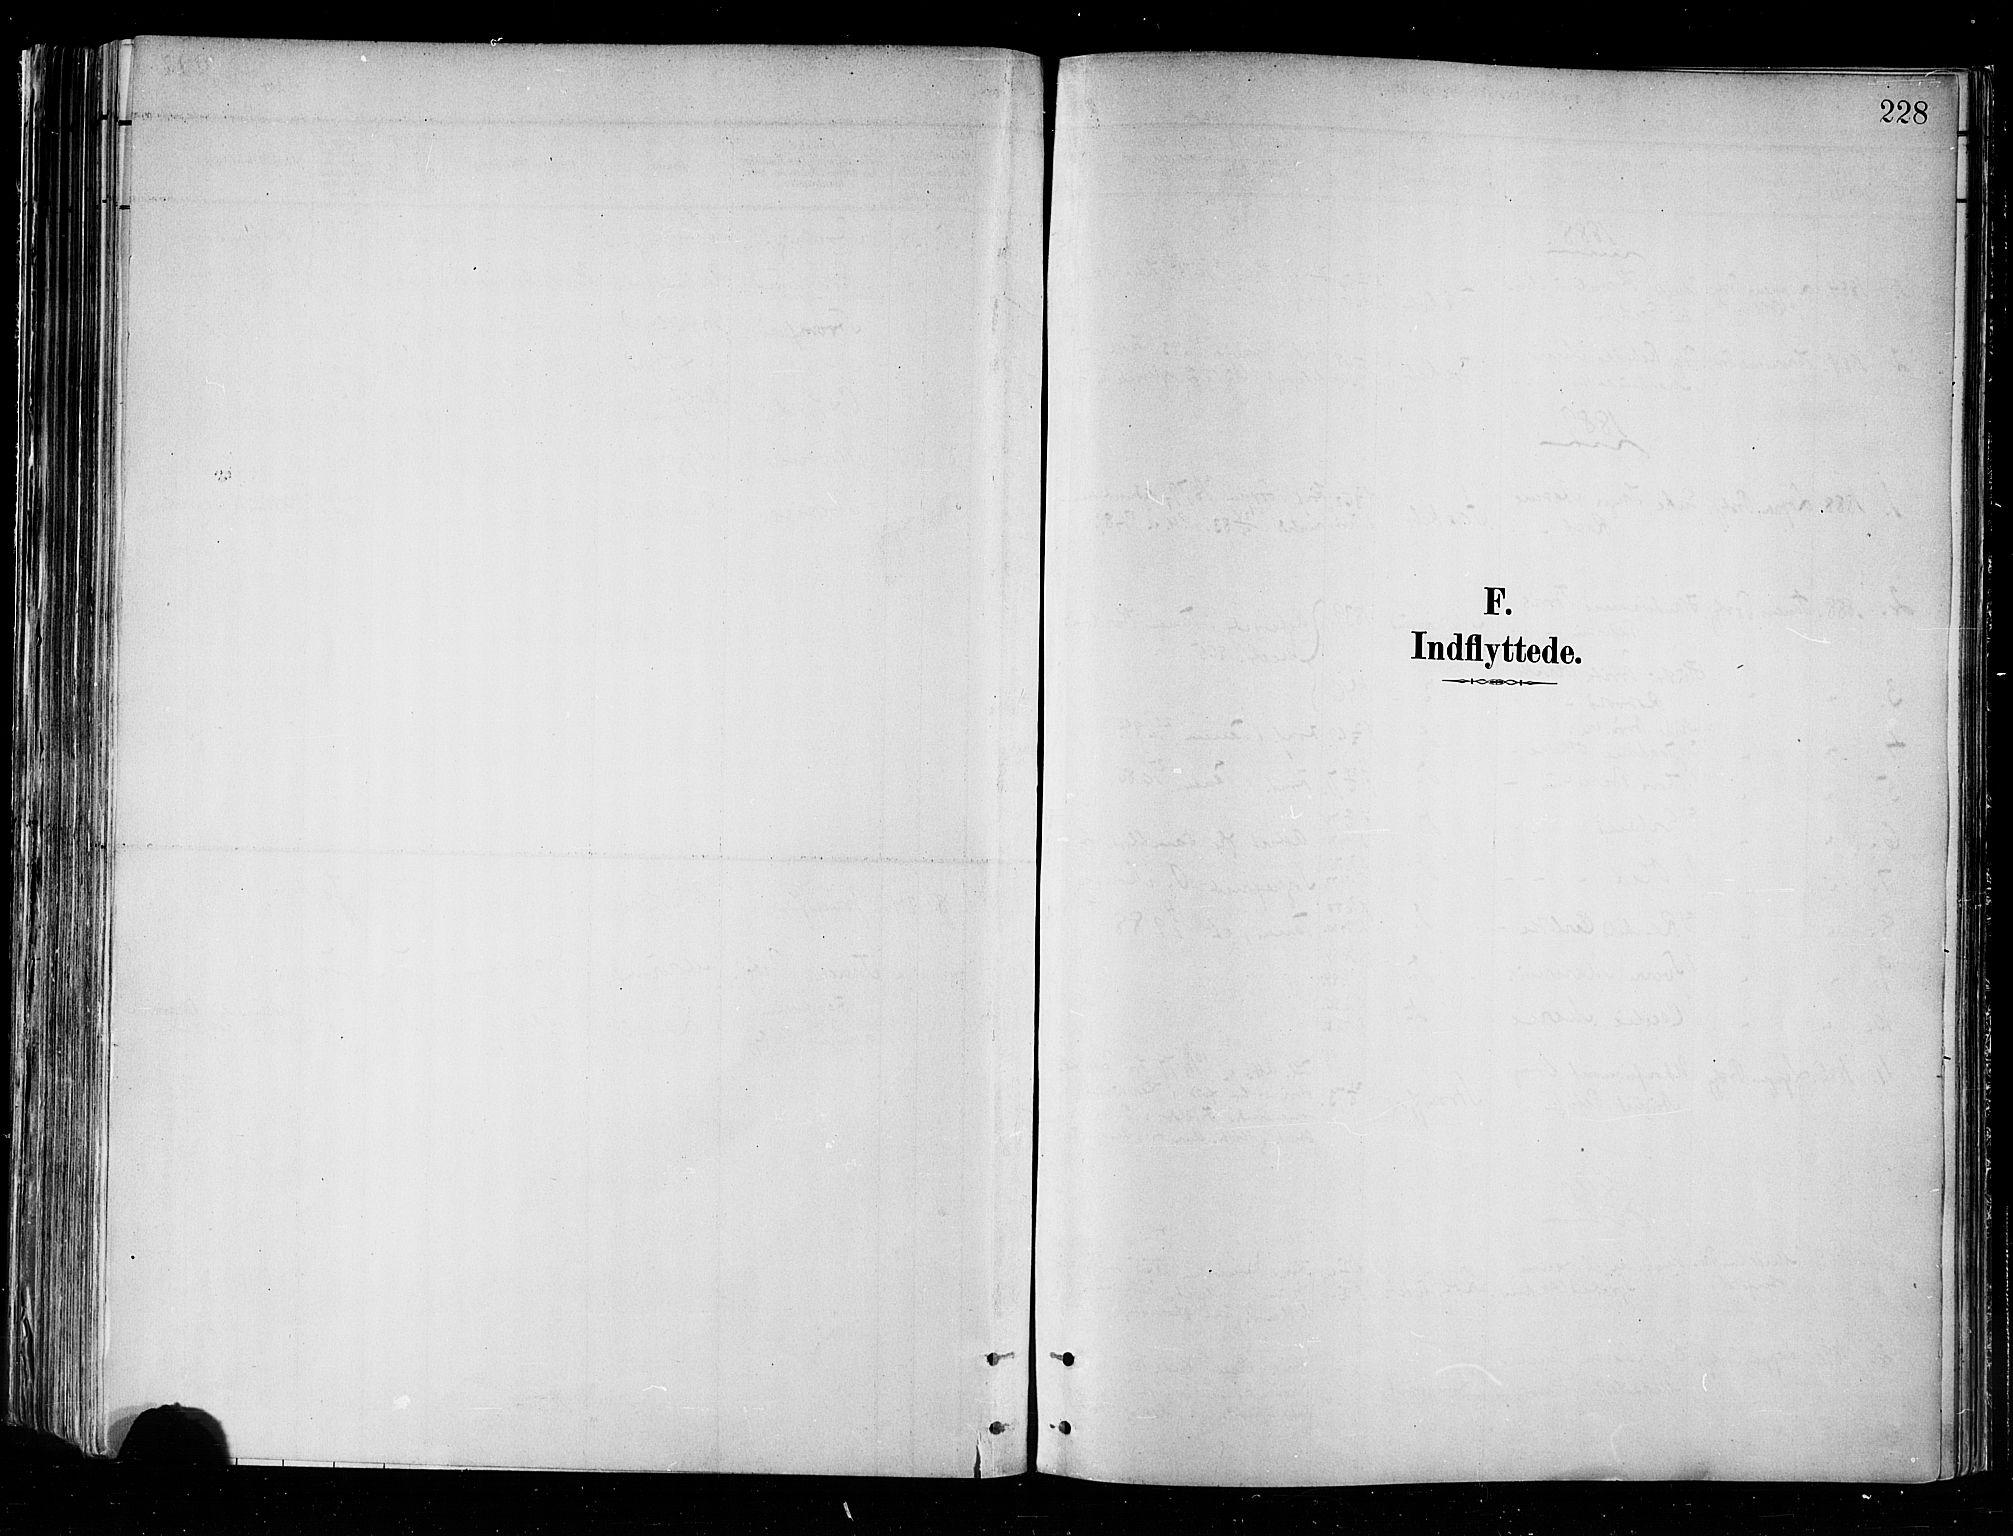 SATØ, Skjervøy sokneprestkontor, H/Ha/Haa/L0010kirke: Parish register (official) no. 10, 1887-1898, p. 228